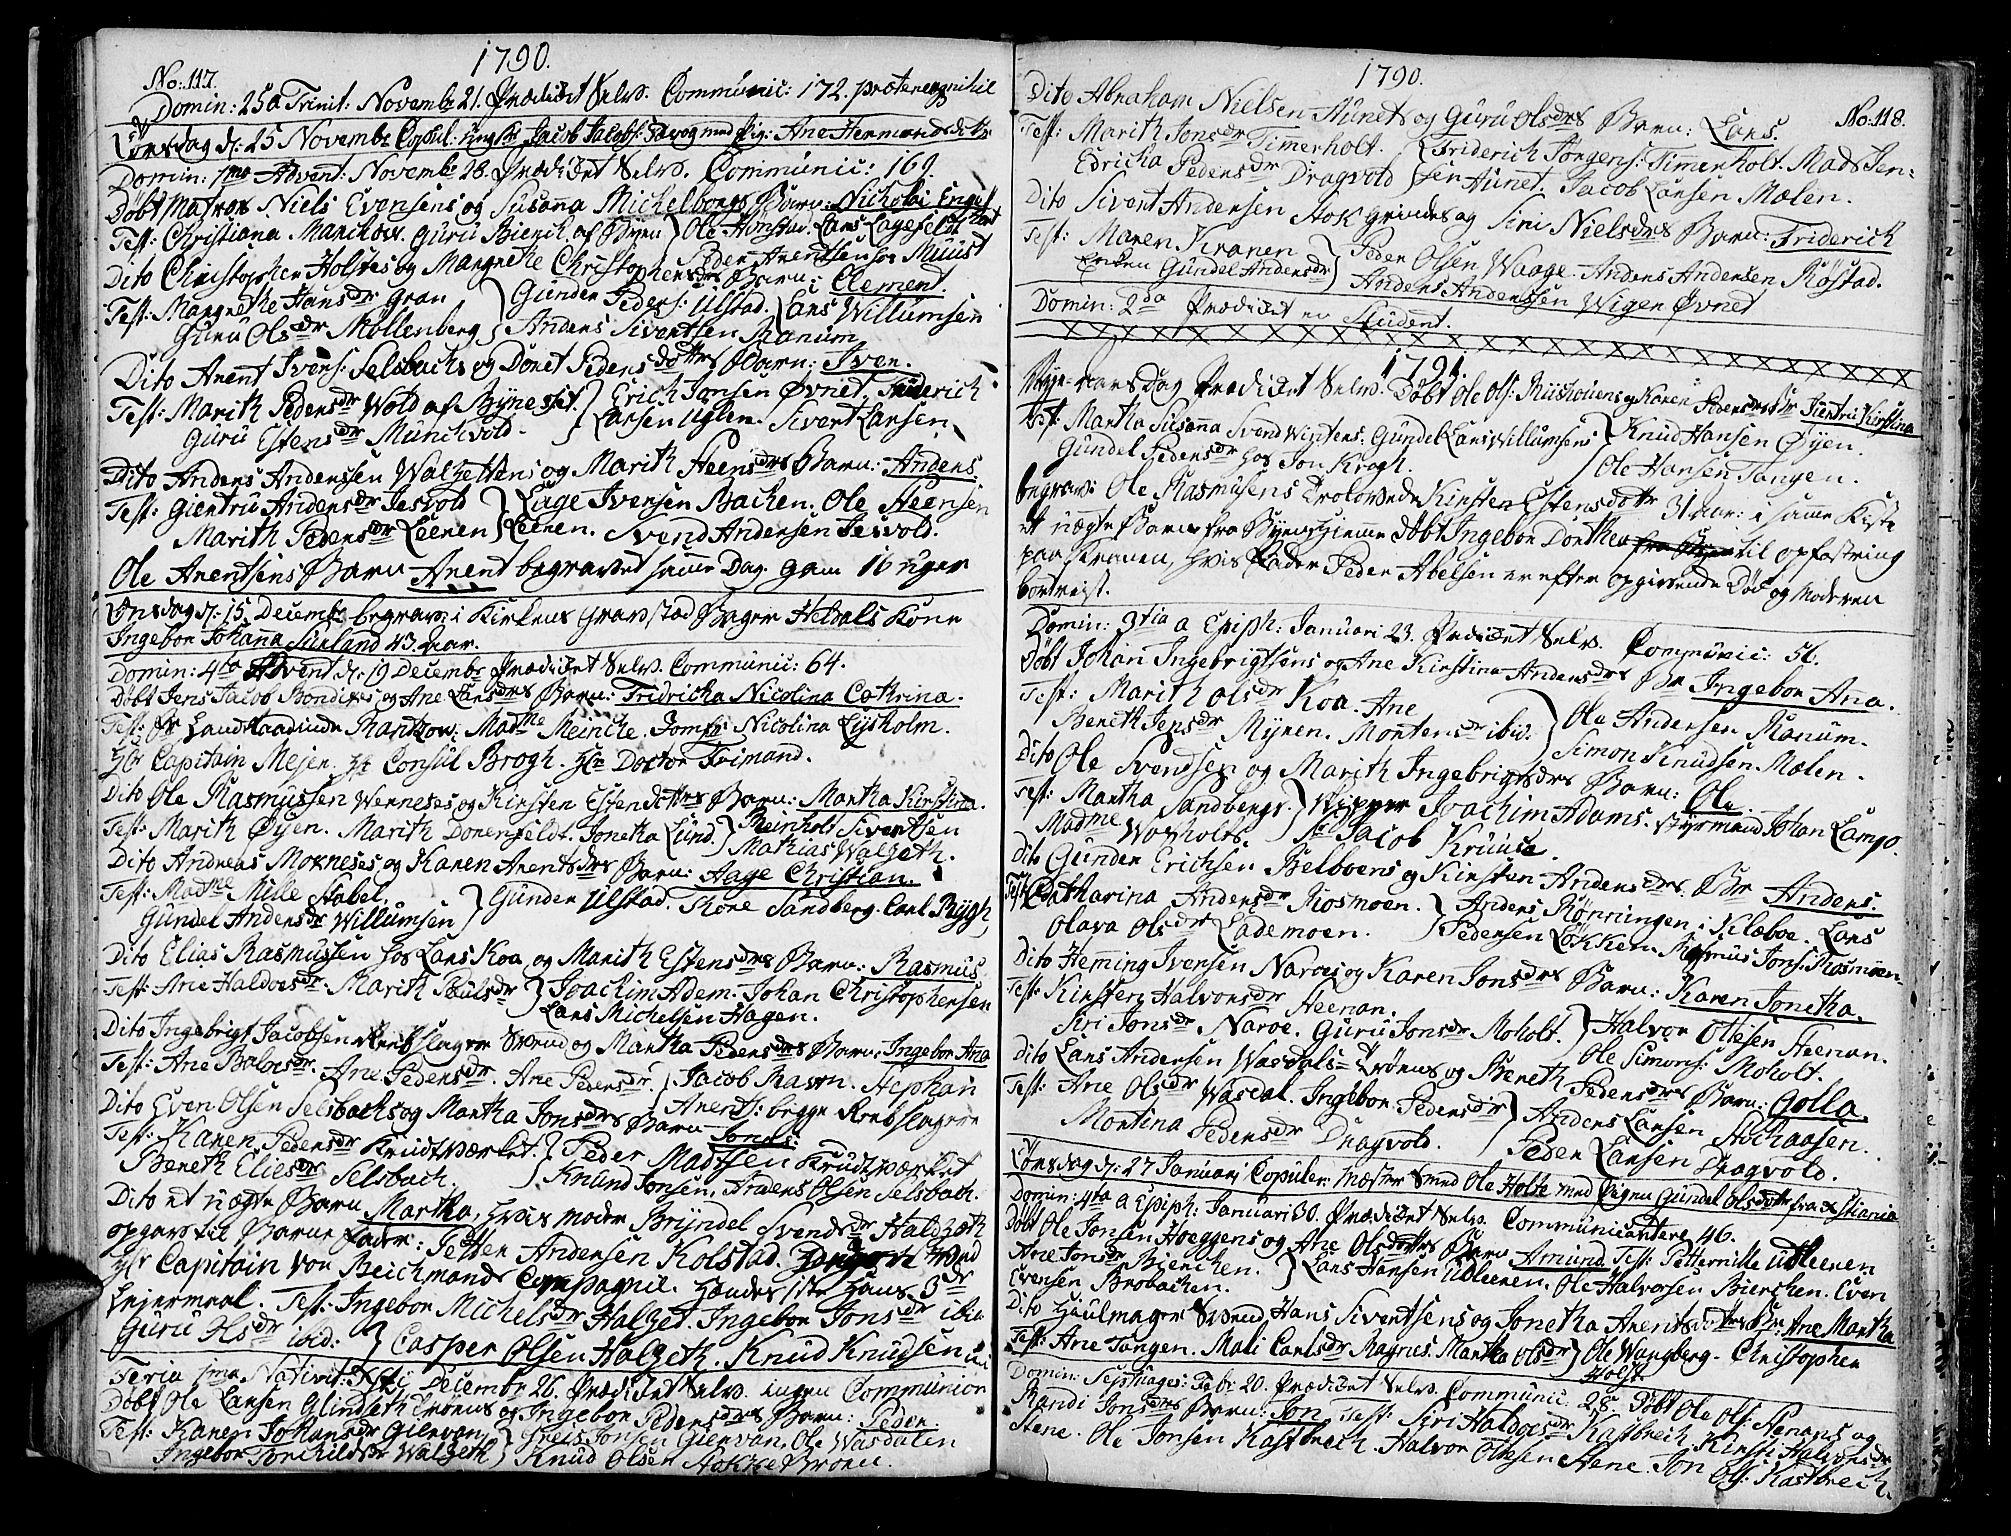 SAT, Ministerialprotokoller, klokkerbøker og fødselsregistre - Sør-Trøndelag, 604/L0180: Ministerialbok nr. 604A01, 1780-1797, s. 117-118